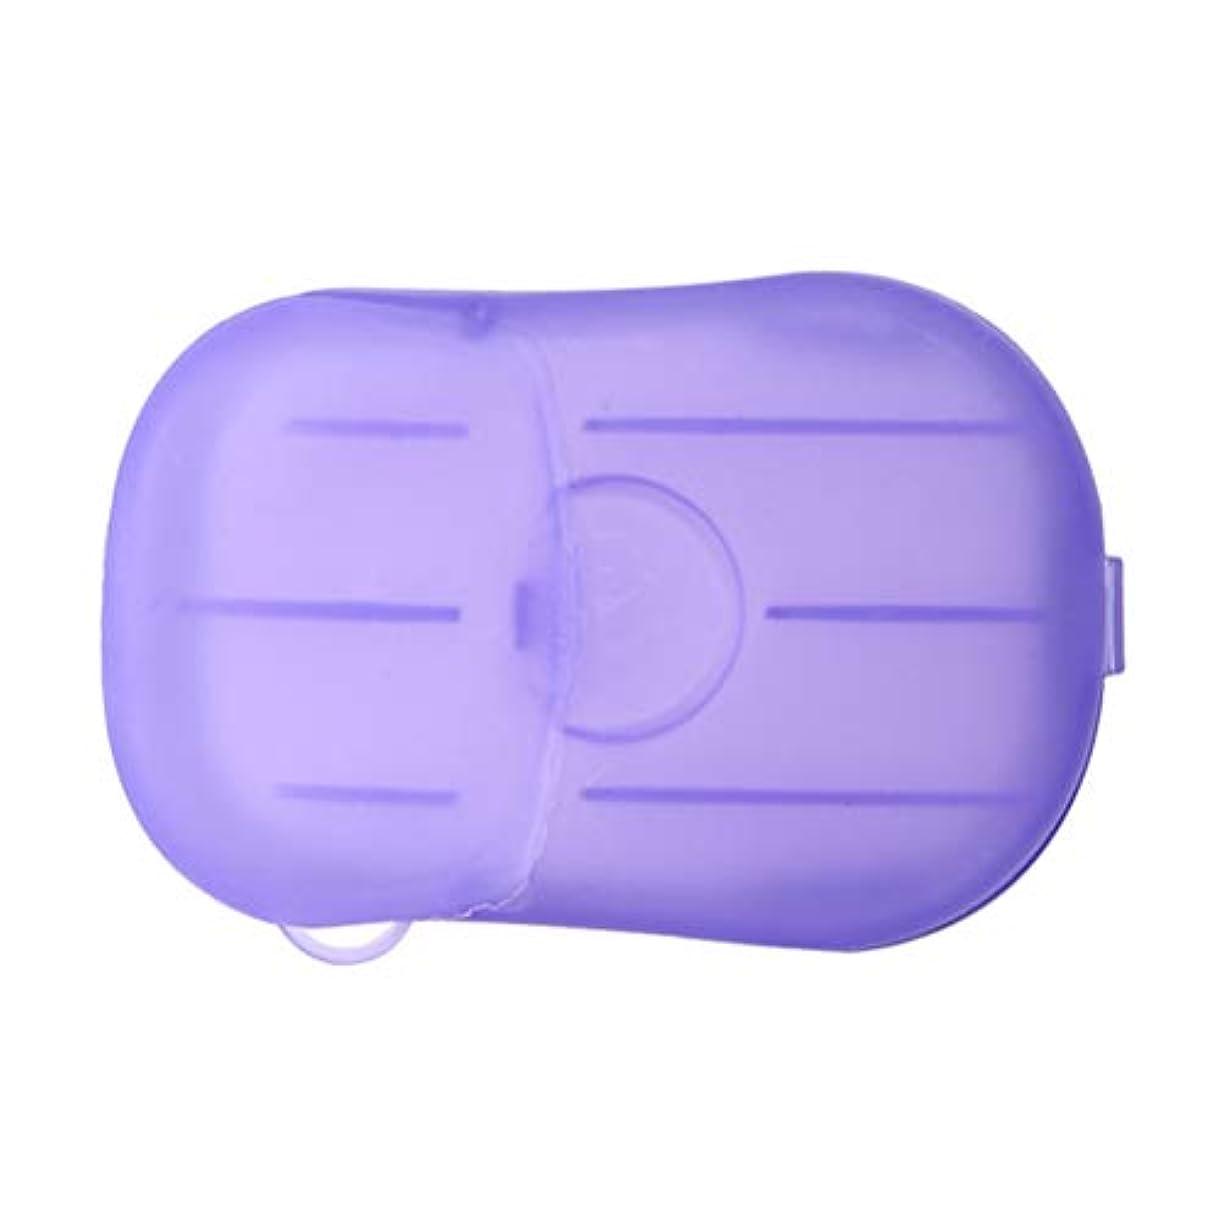 バーガーマリン主張するLIOOBO 20ピース石鹸フレーク使い捨てクリーニングペーパーポータブルシャワー用品手洗い石鹸シーツ付きトラベルキャンプハイキング(パープル)